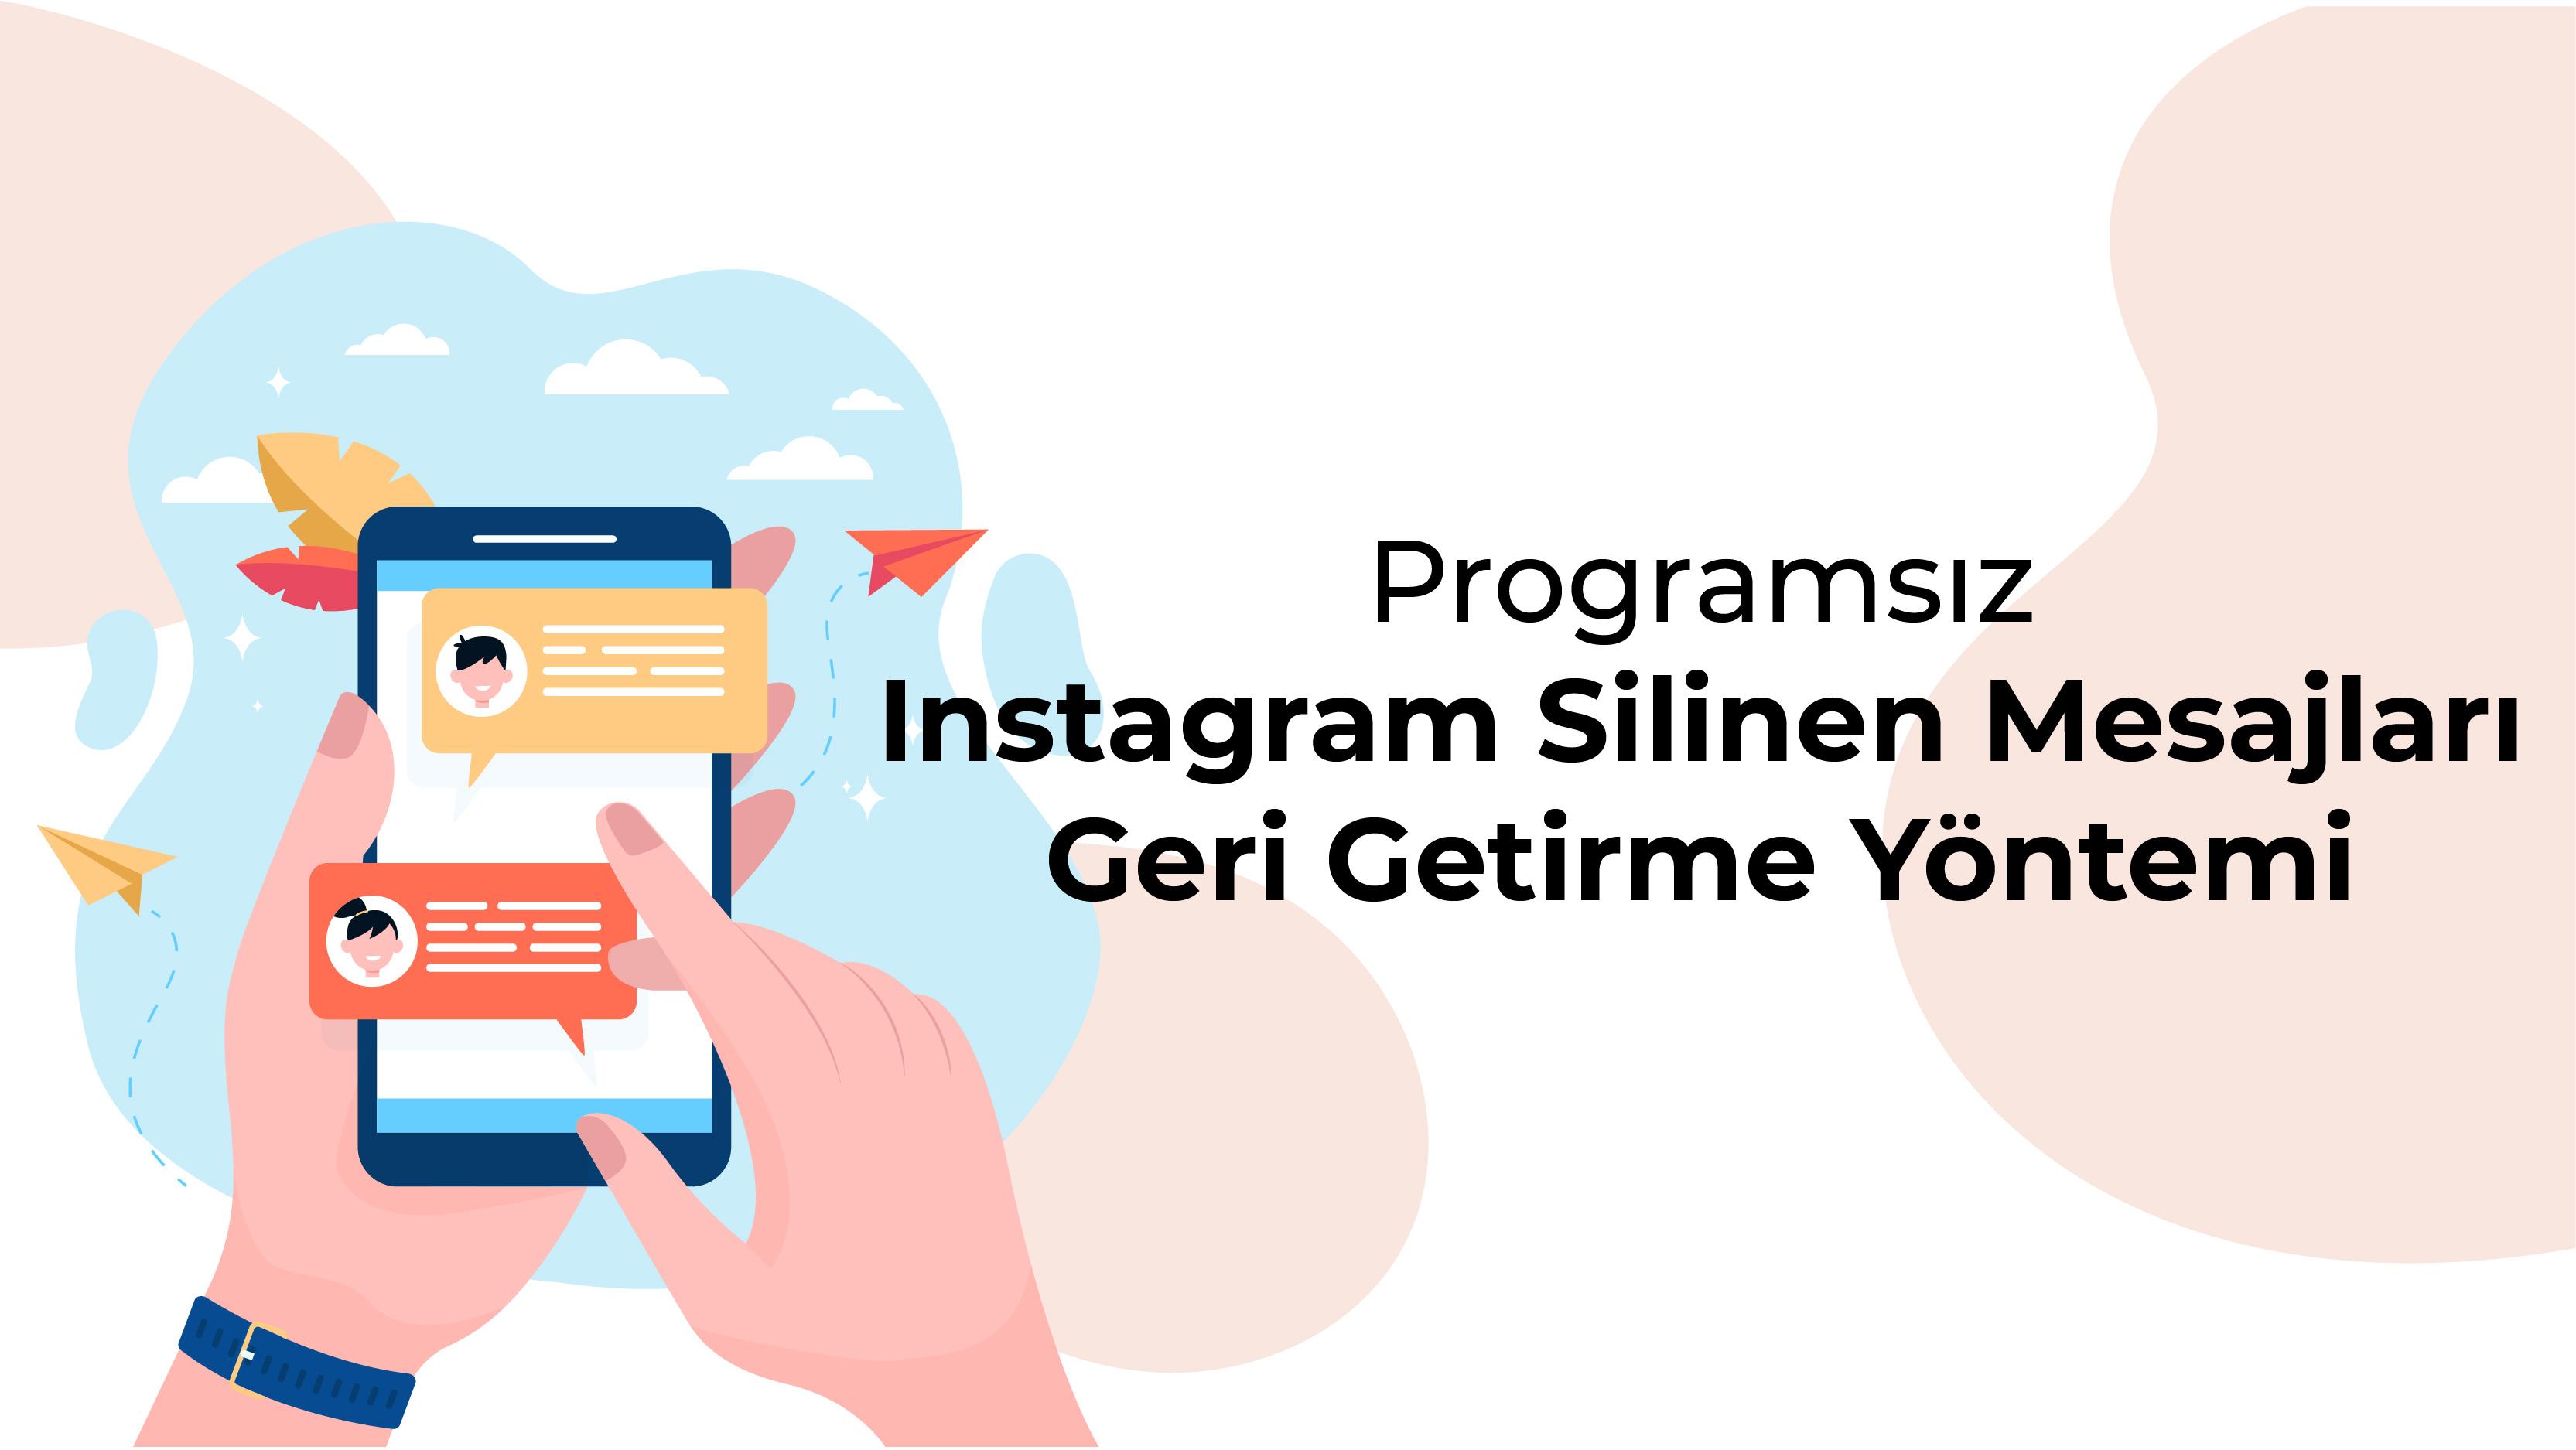 Programsız Instagram Silinen Mesajları Geri Getirme Yöntemi